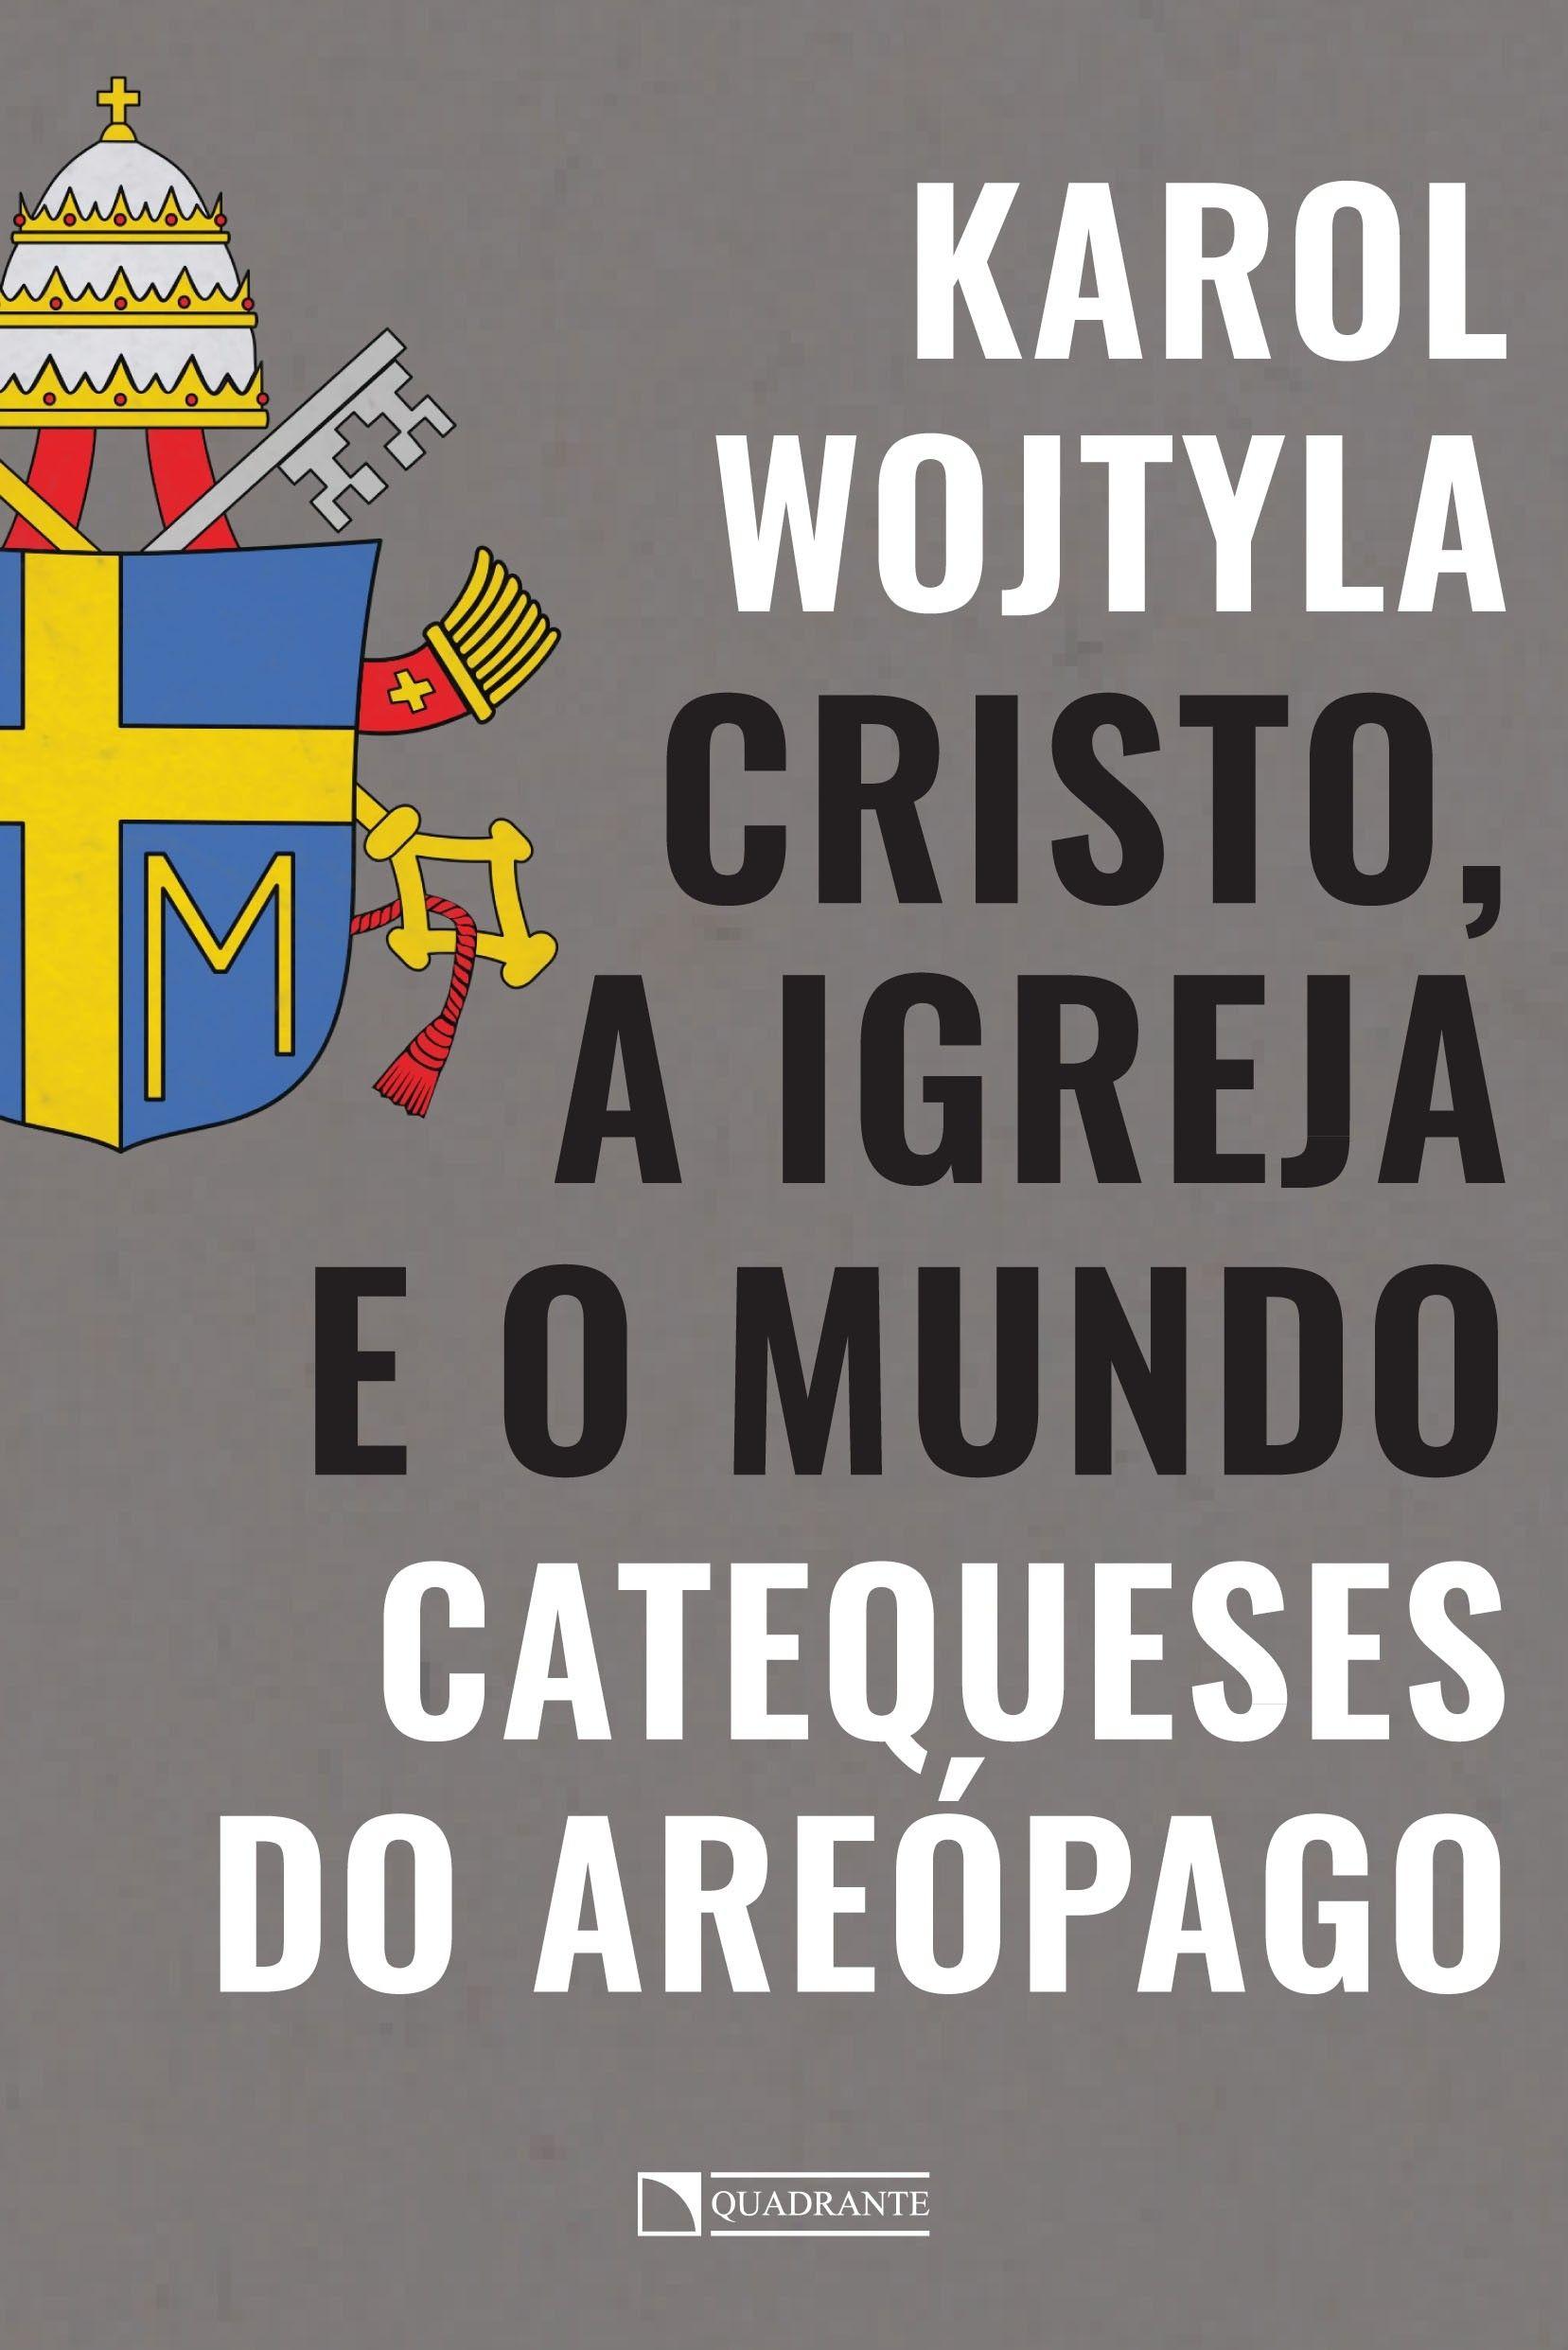 Cristo, a Igreja e o mundo: Catequeses do Areópago